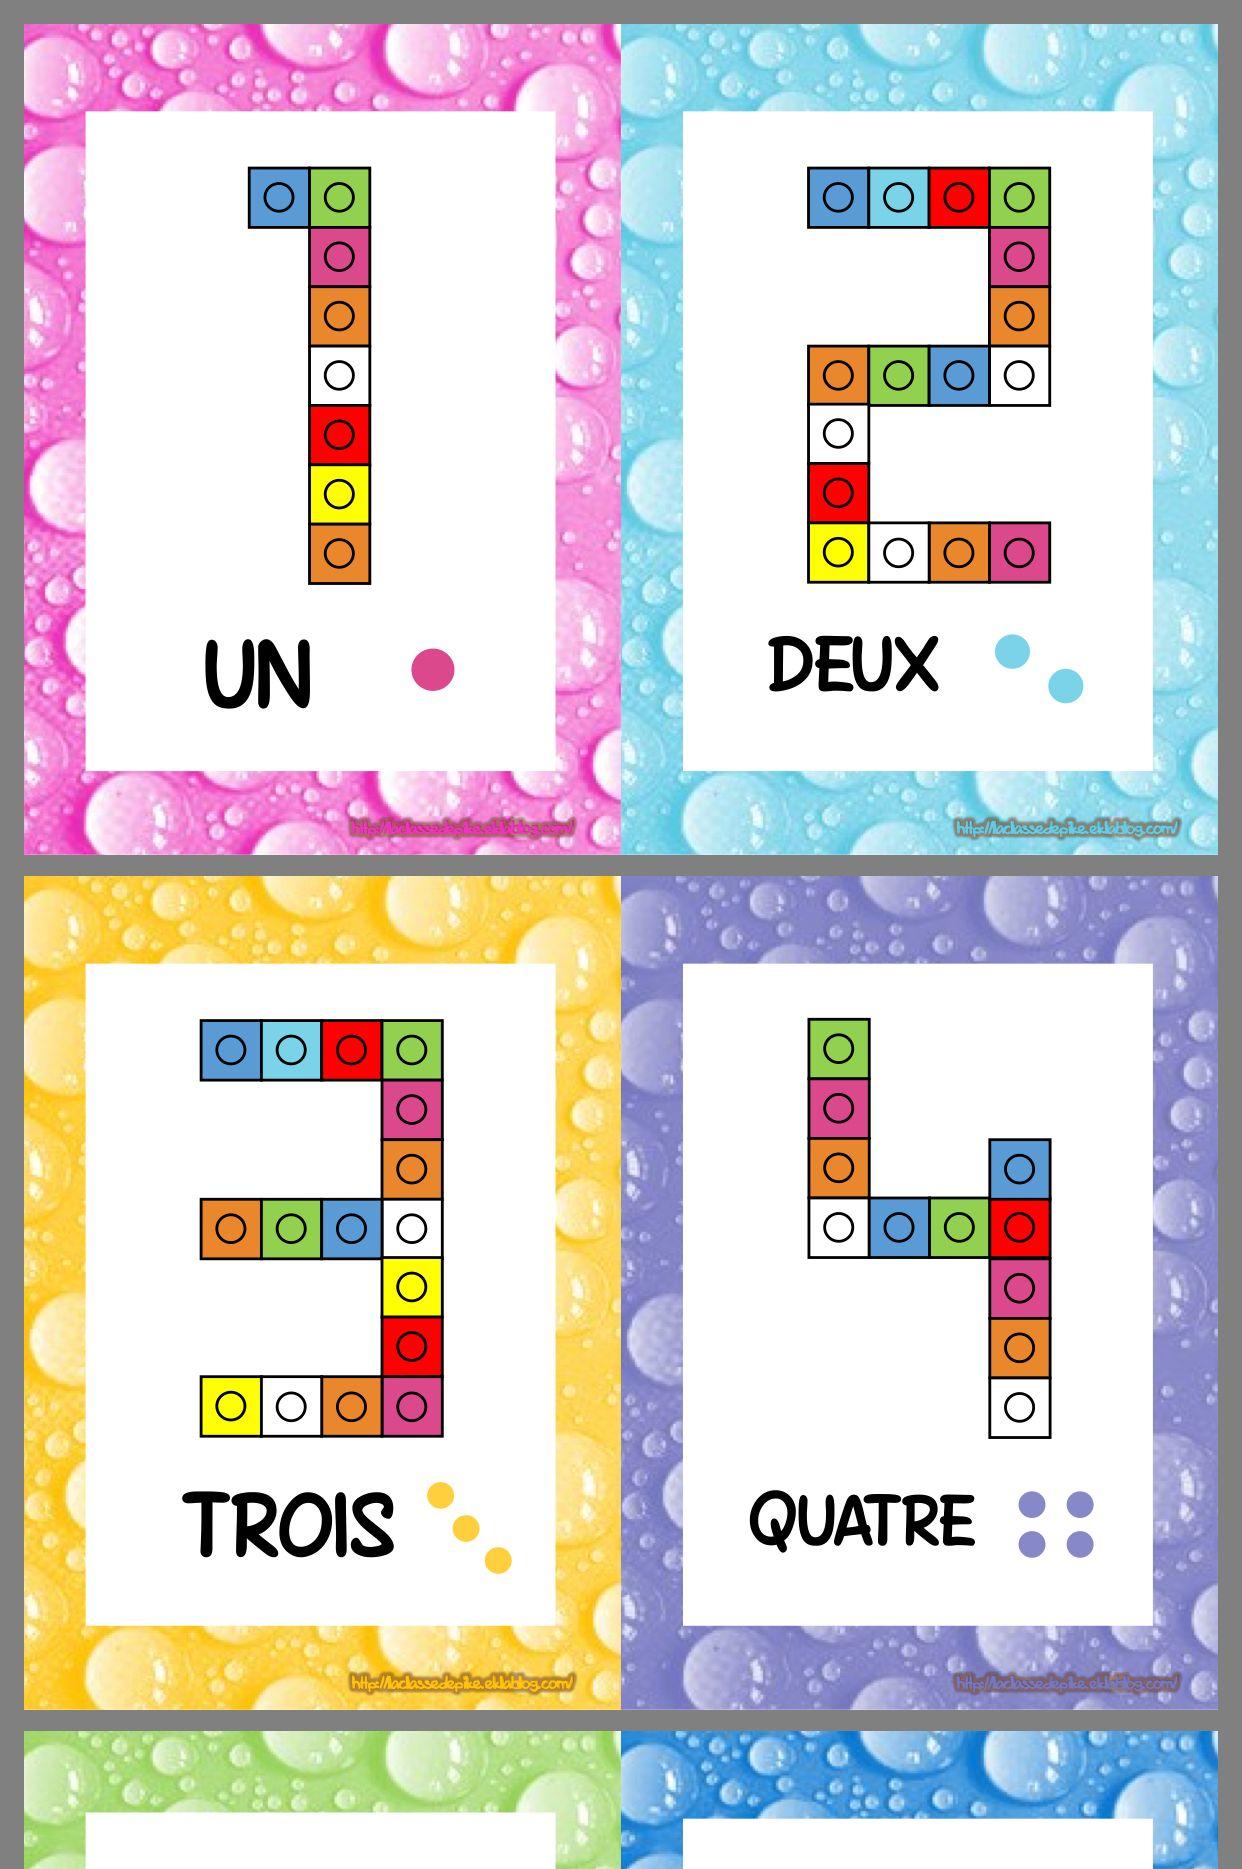 Épinglé Par Lilprincy Sur Ecole | Math Gs, Mathematique tout Jeux Pedagogique Maternelle